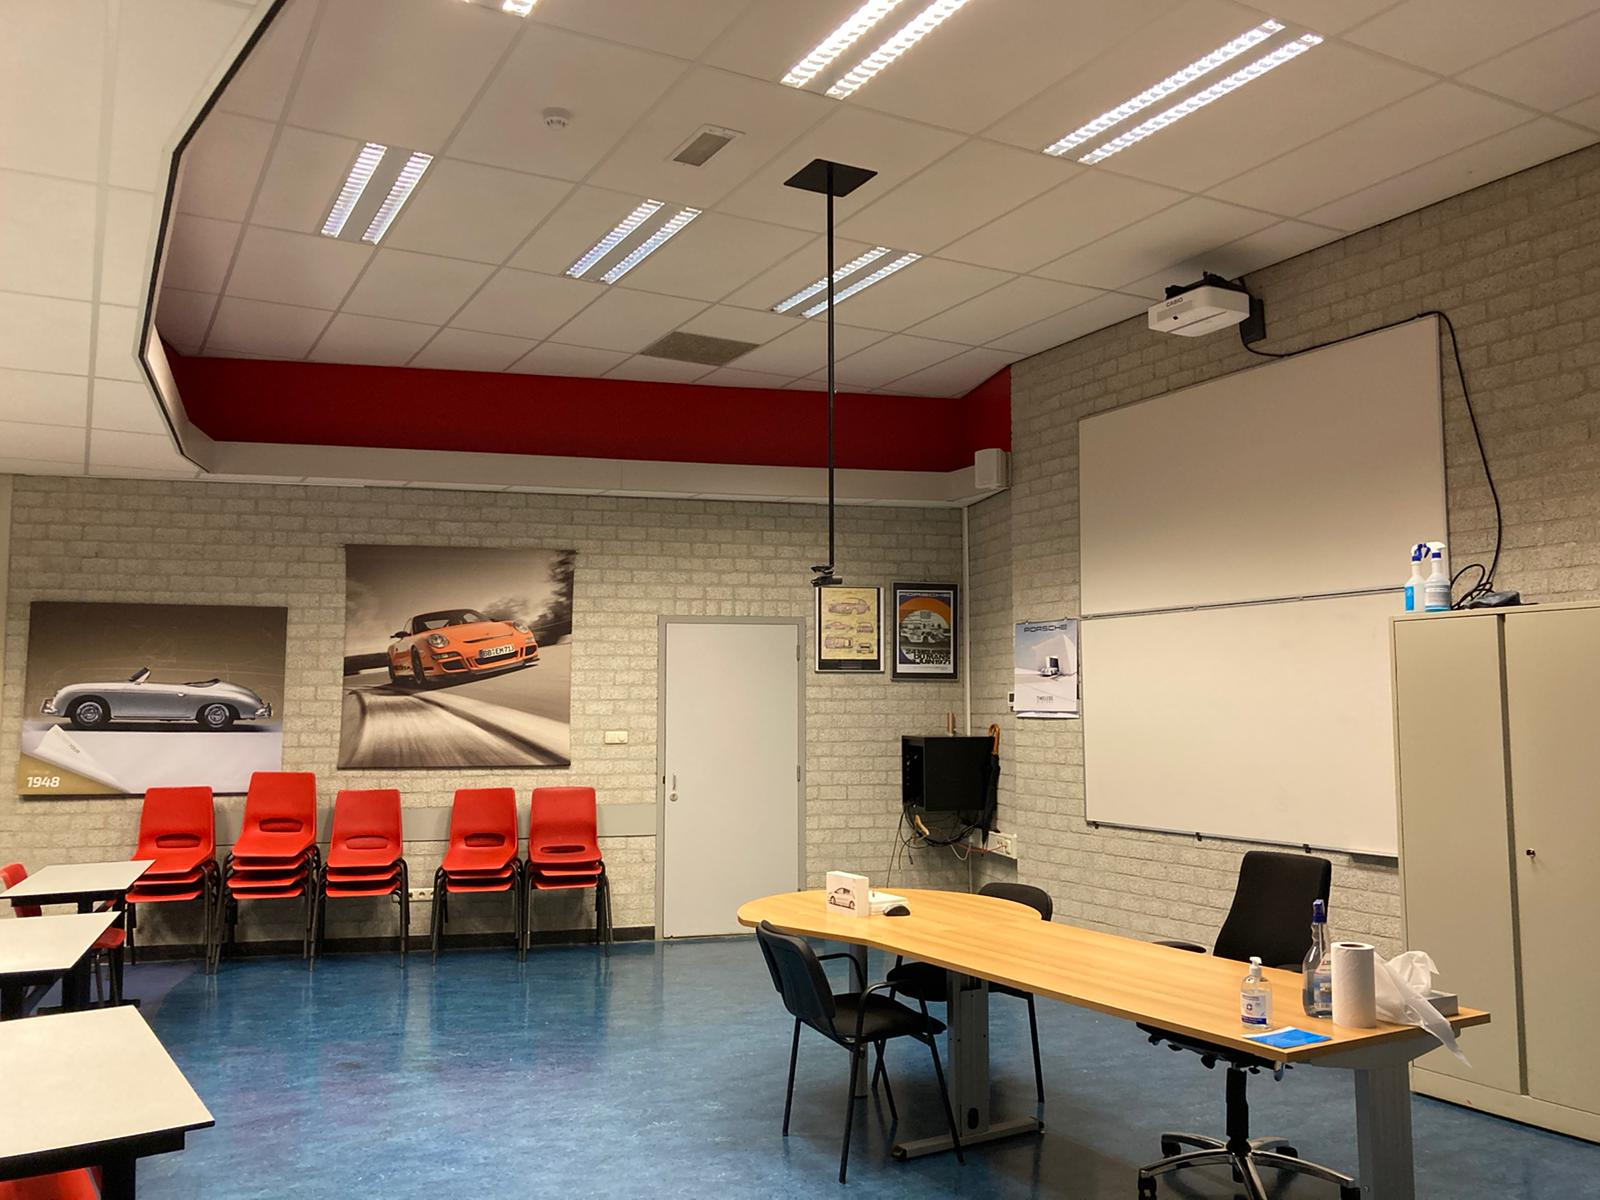 Cameraopstelling voor klaslokalen